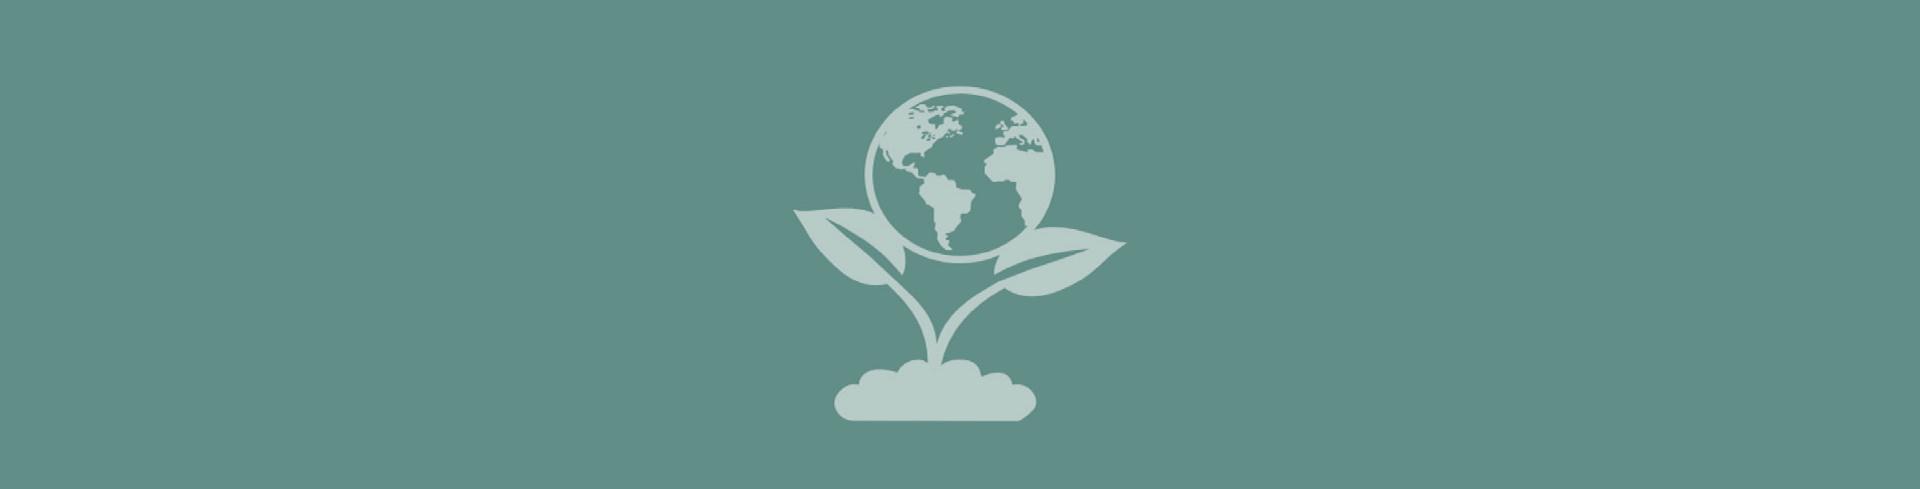 Netværk for bæredygtig jordhåndtering